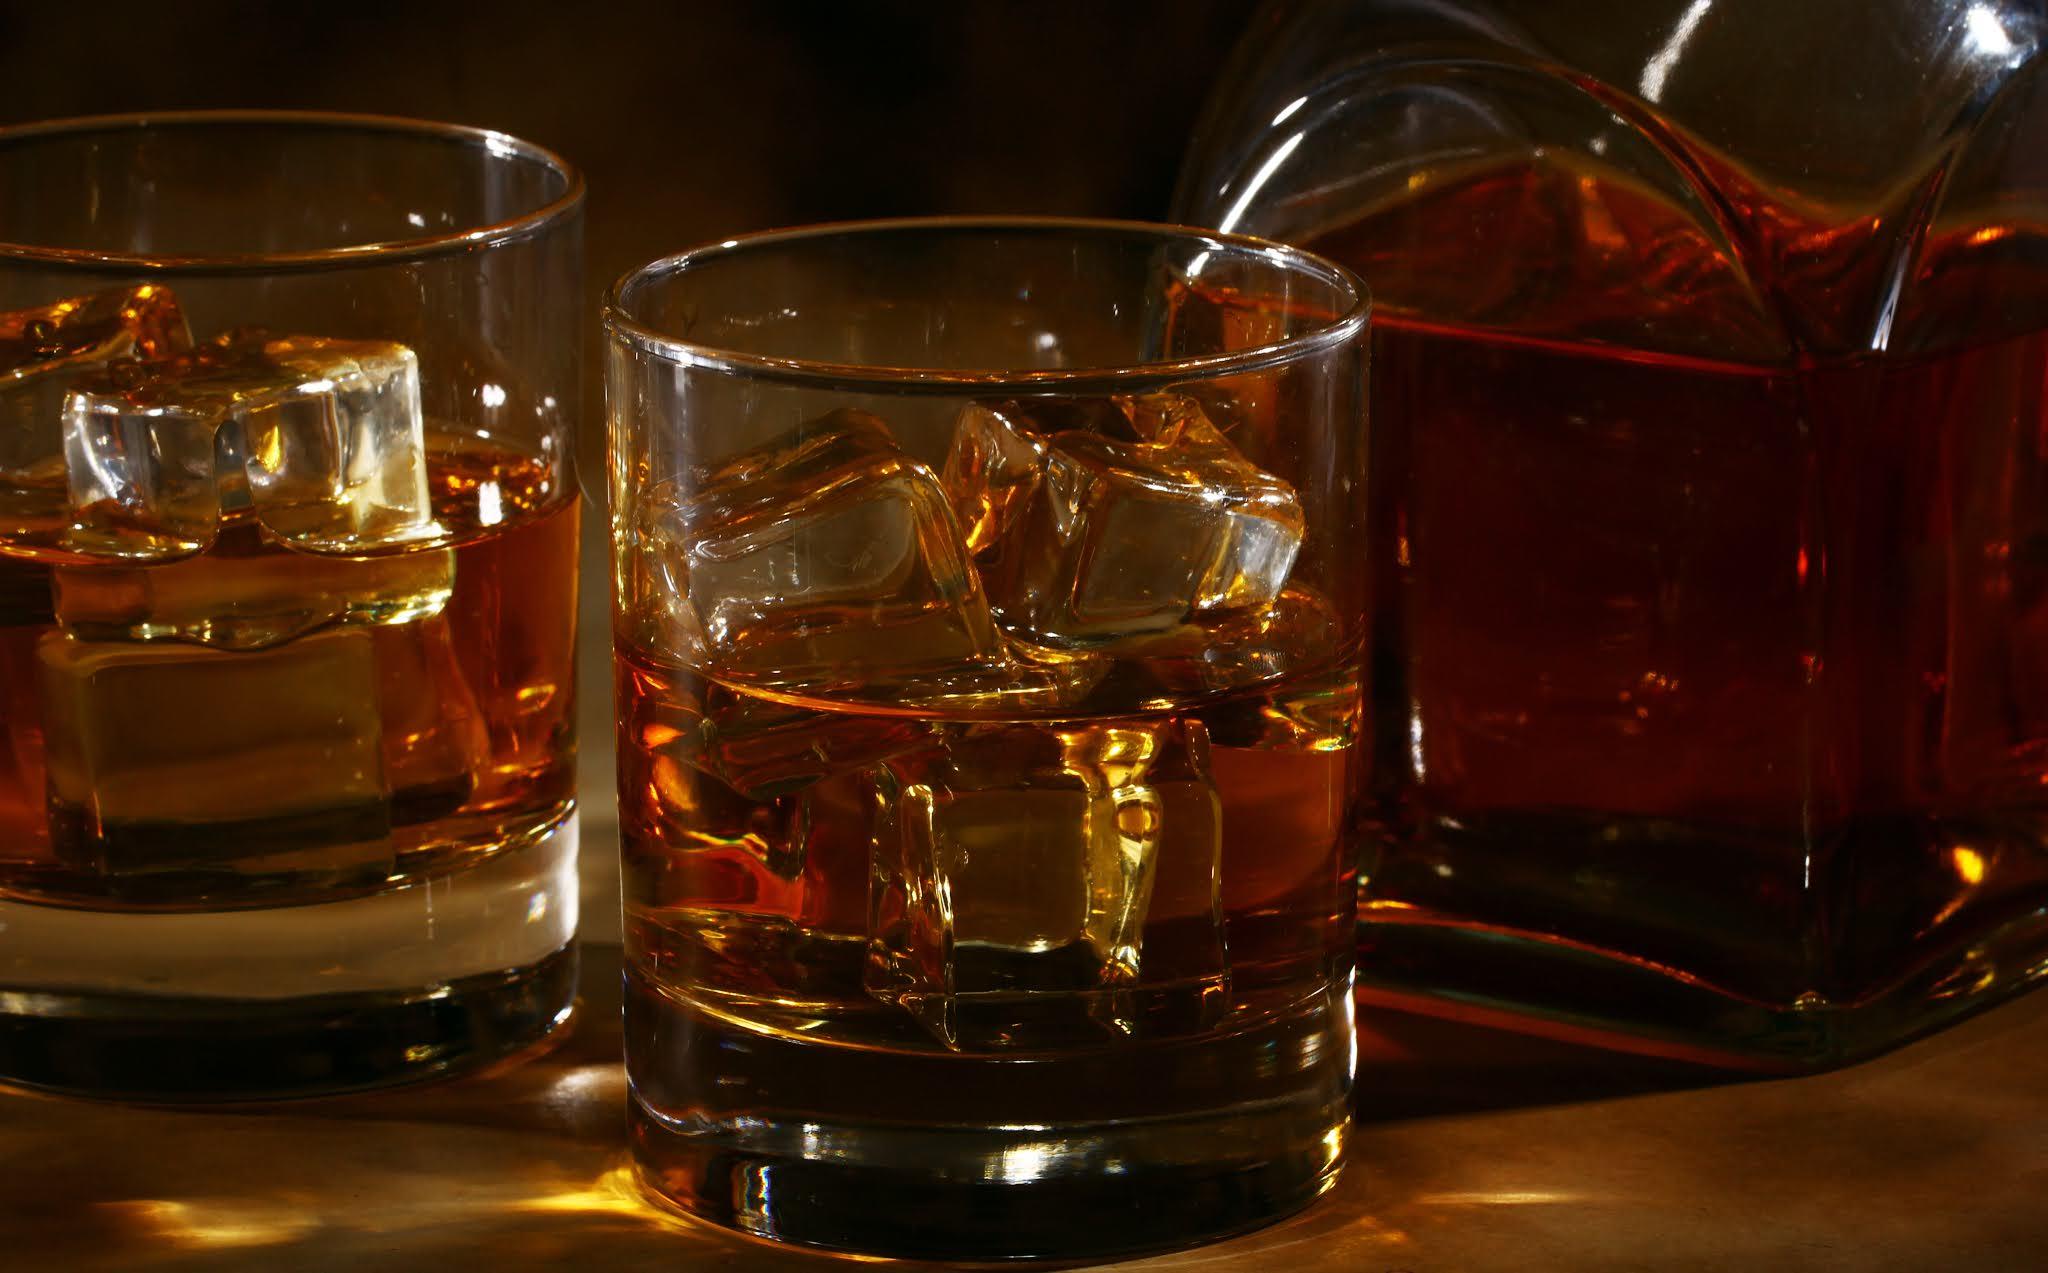 वीकेंड लॉकडाउन : मुंबई में होगी शराब की होम डिलीवरी ,जाने क्या है टाइमिंग